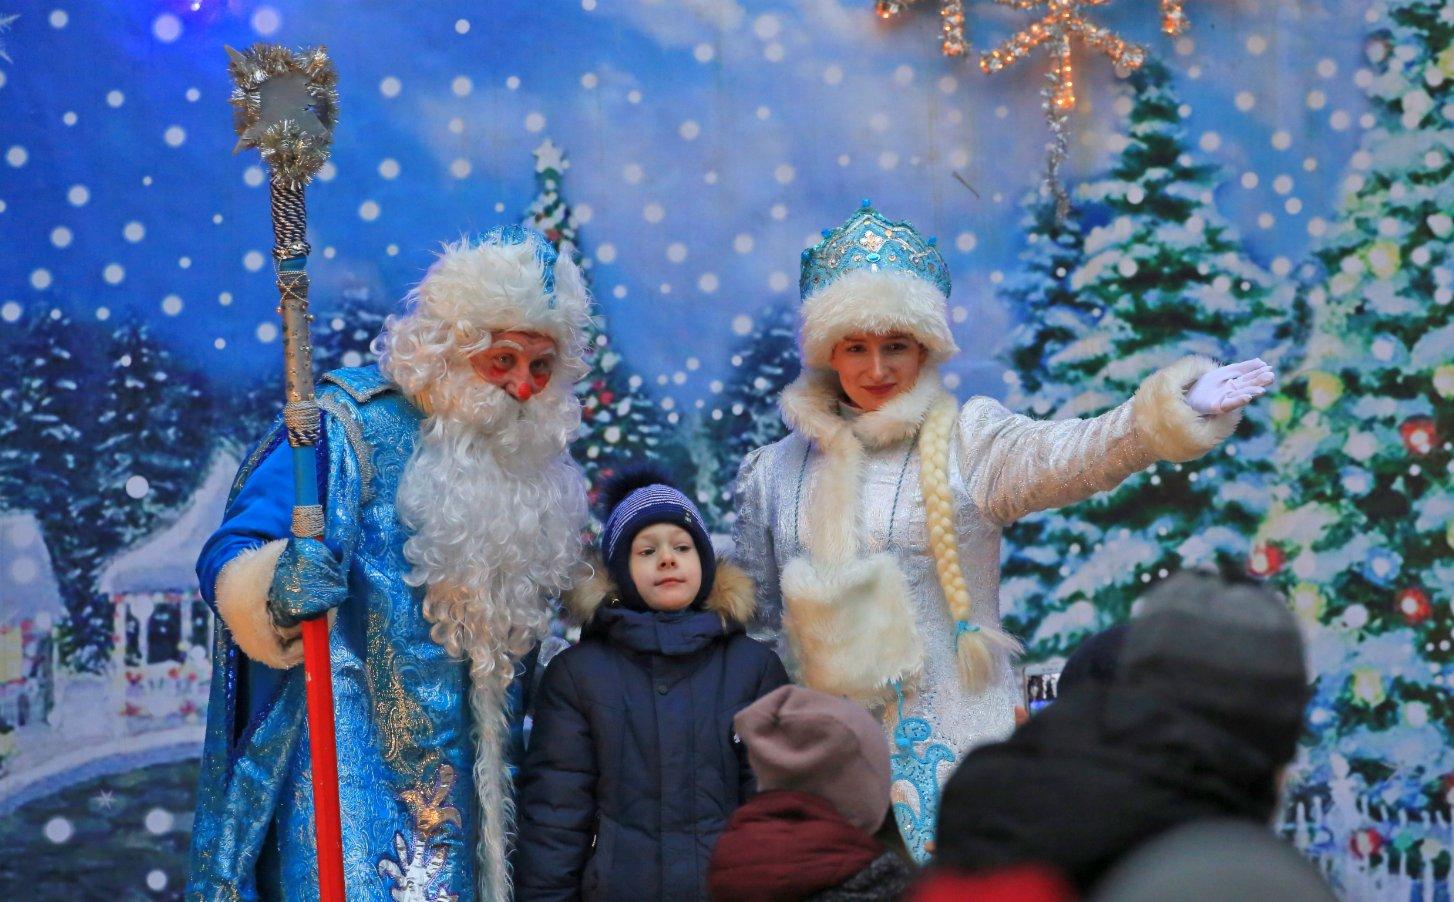 1月2日,在白俄羅斯首都明斯克,打扮成「嚴寒老人」和「雪姑娘」形象的演員在兒童鐵路一處車站與一名兒童合影。(新華社)